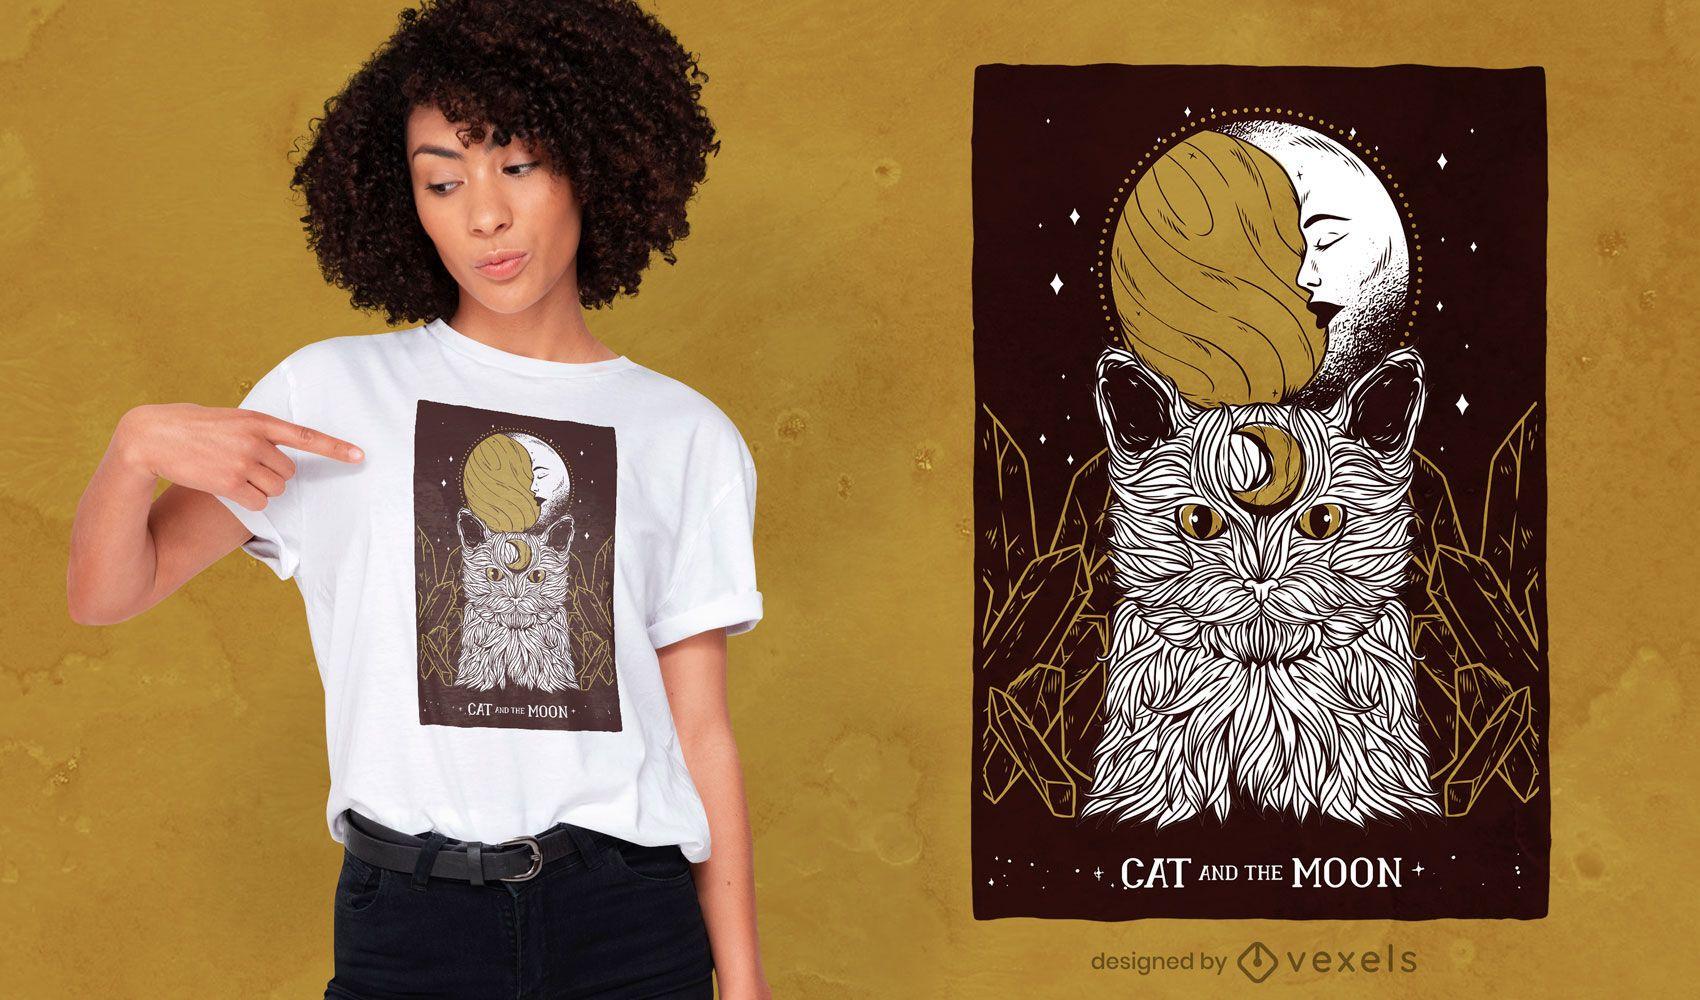 Cat crescent moon t-shirt design